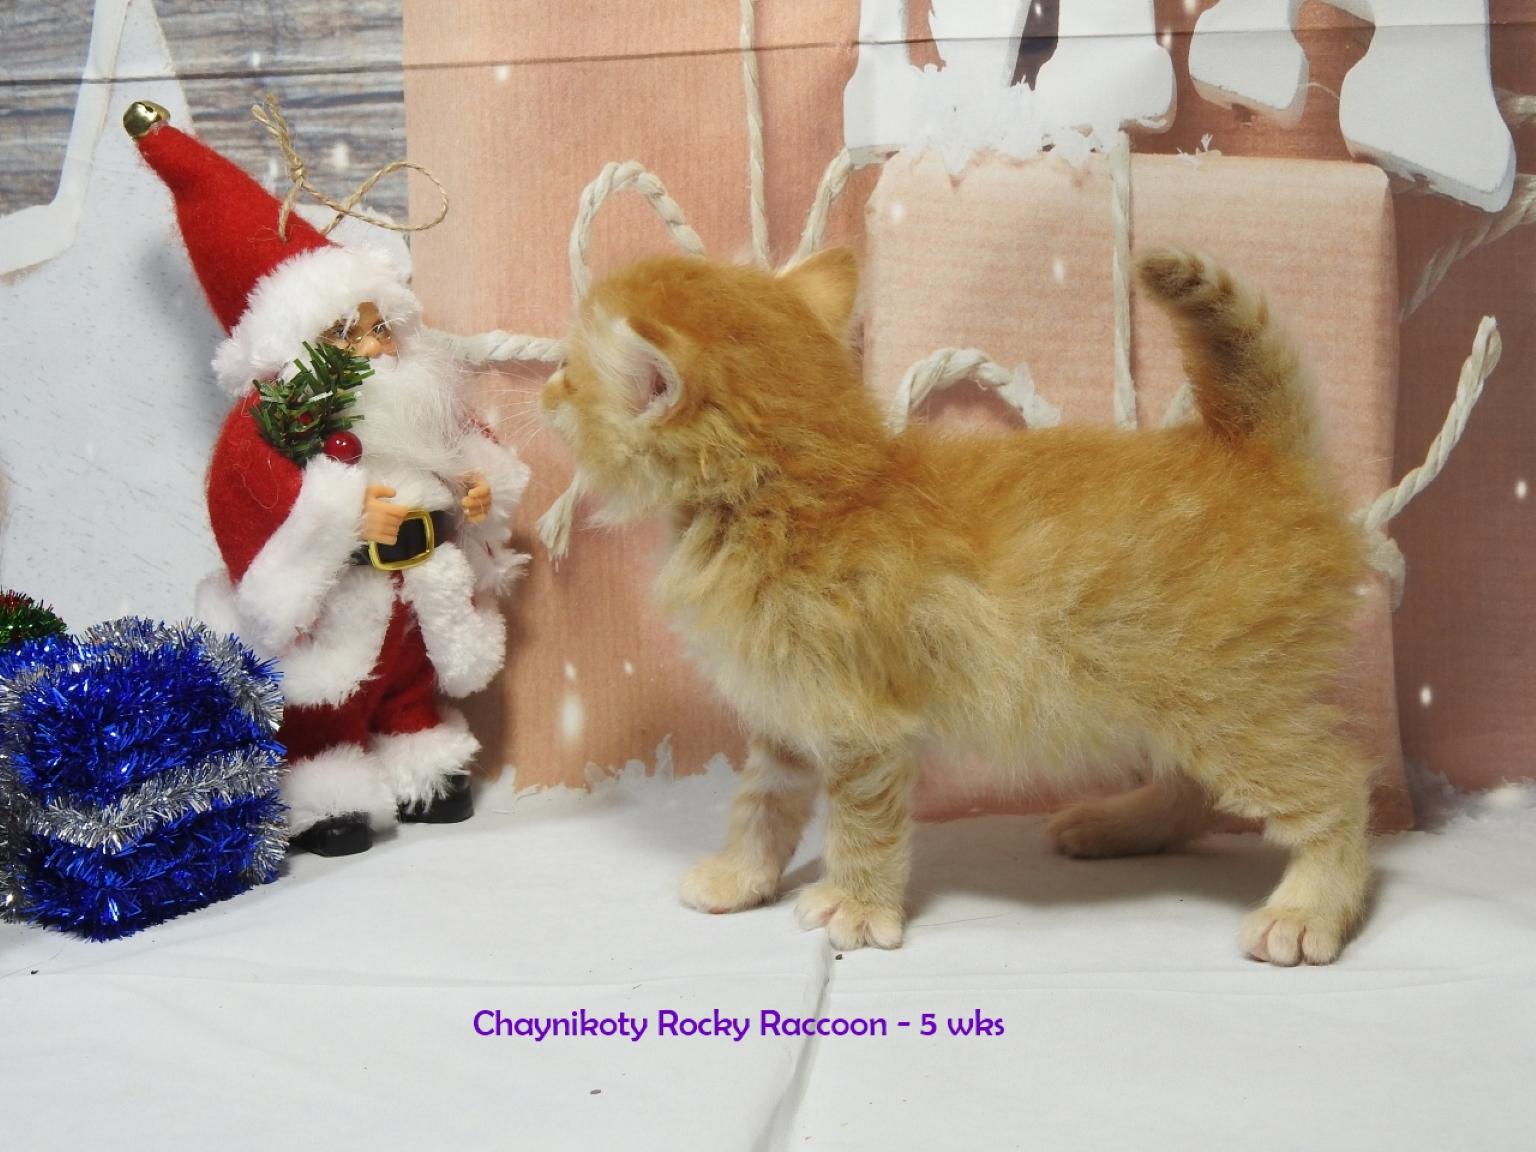 Chaynikoty Rocky Raccoon